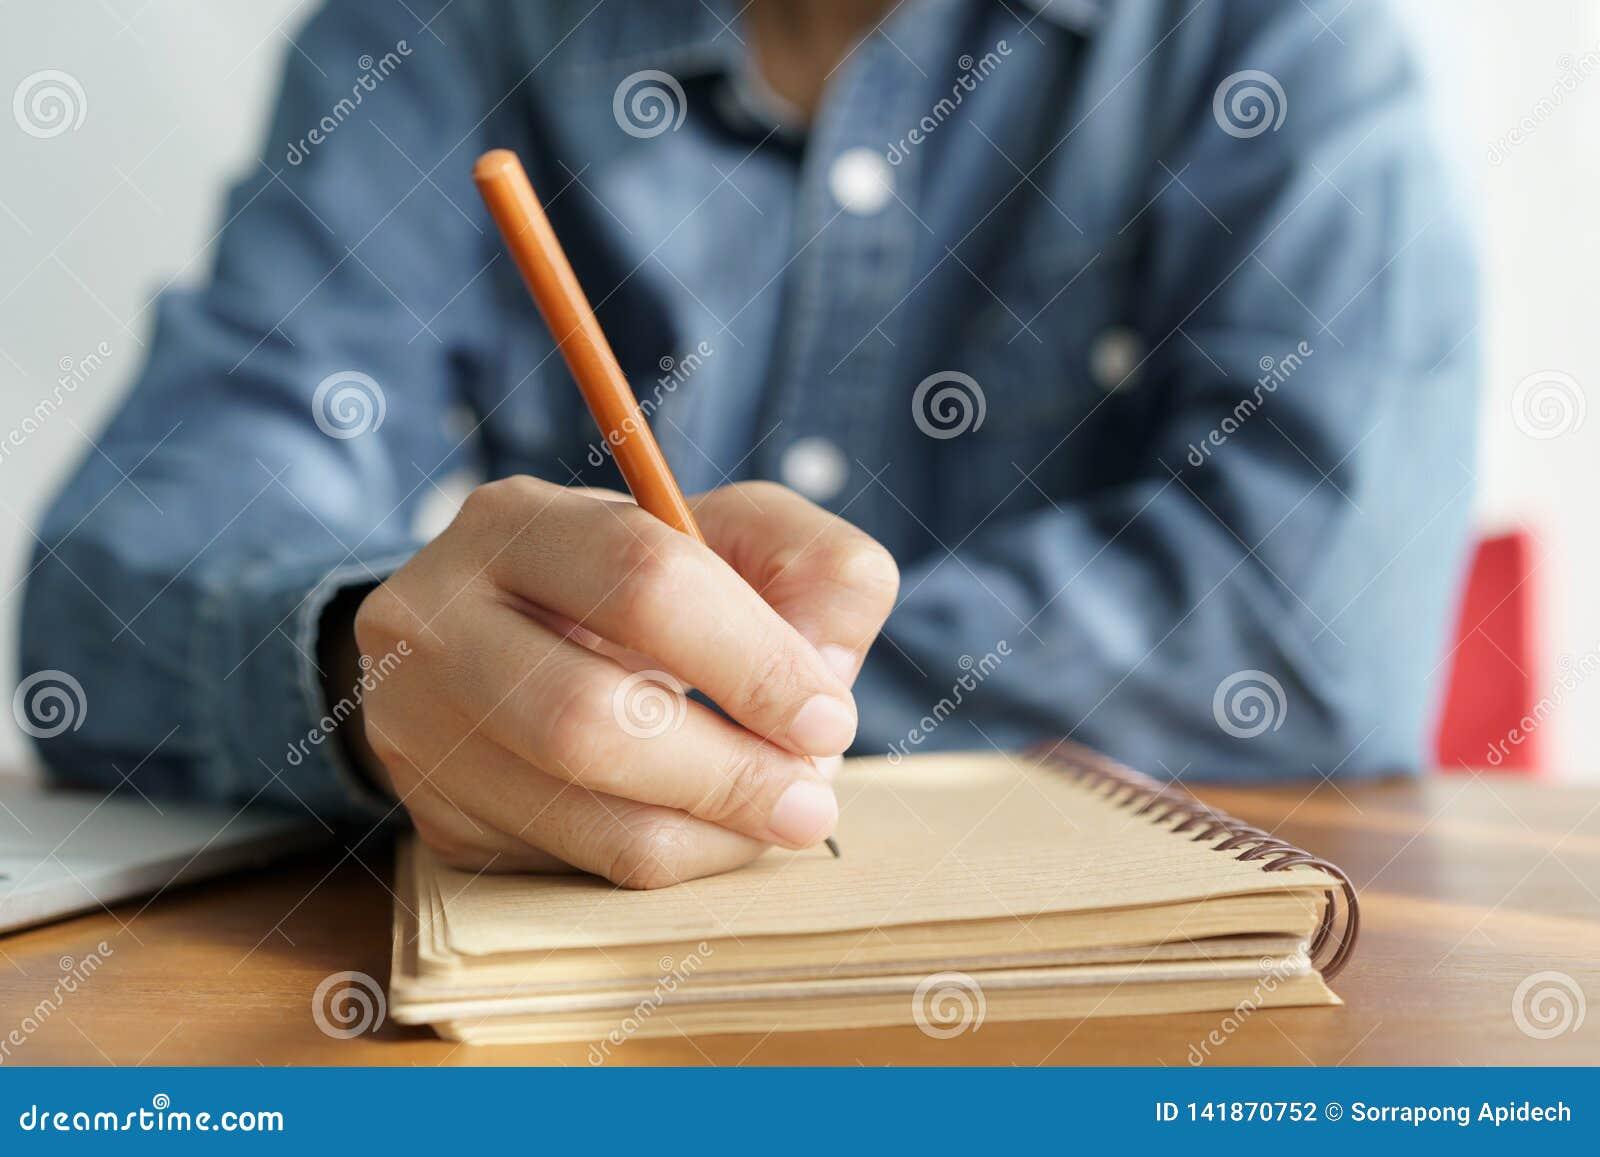 Asiatinnen nehmen Kenntnisse mit einem Bleistift im Büro, Geschäftsfraufunktion